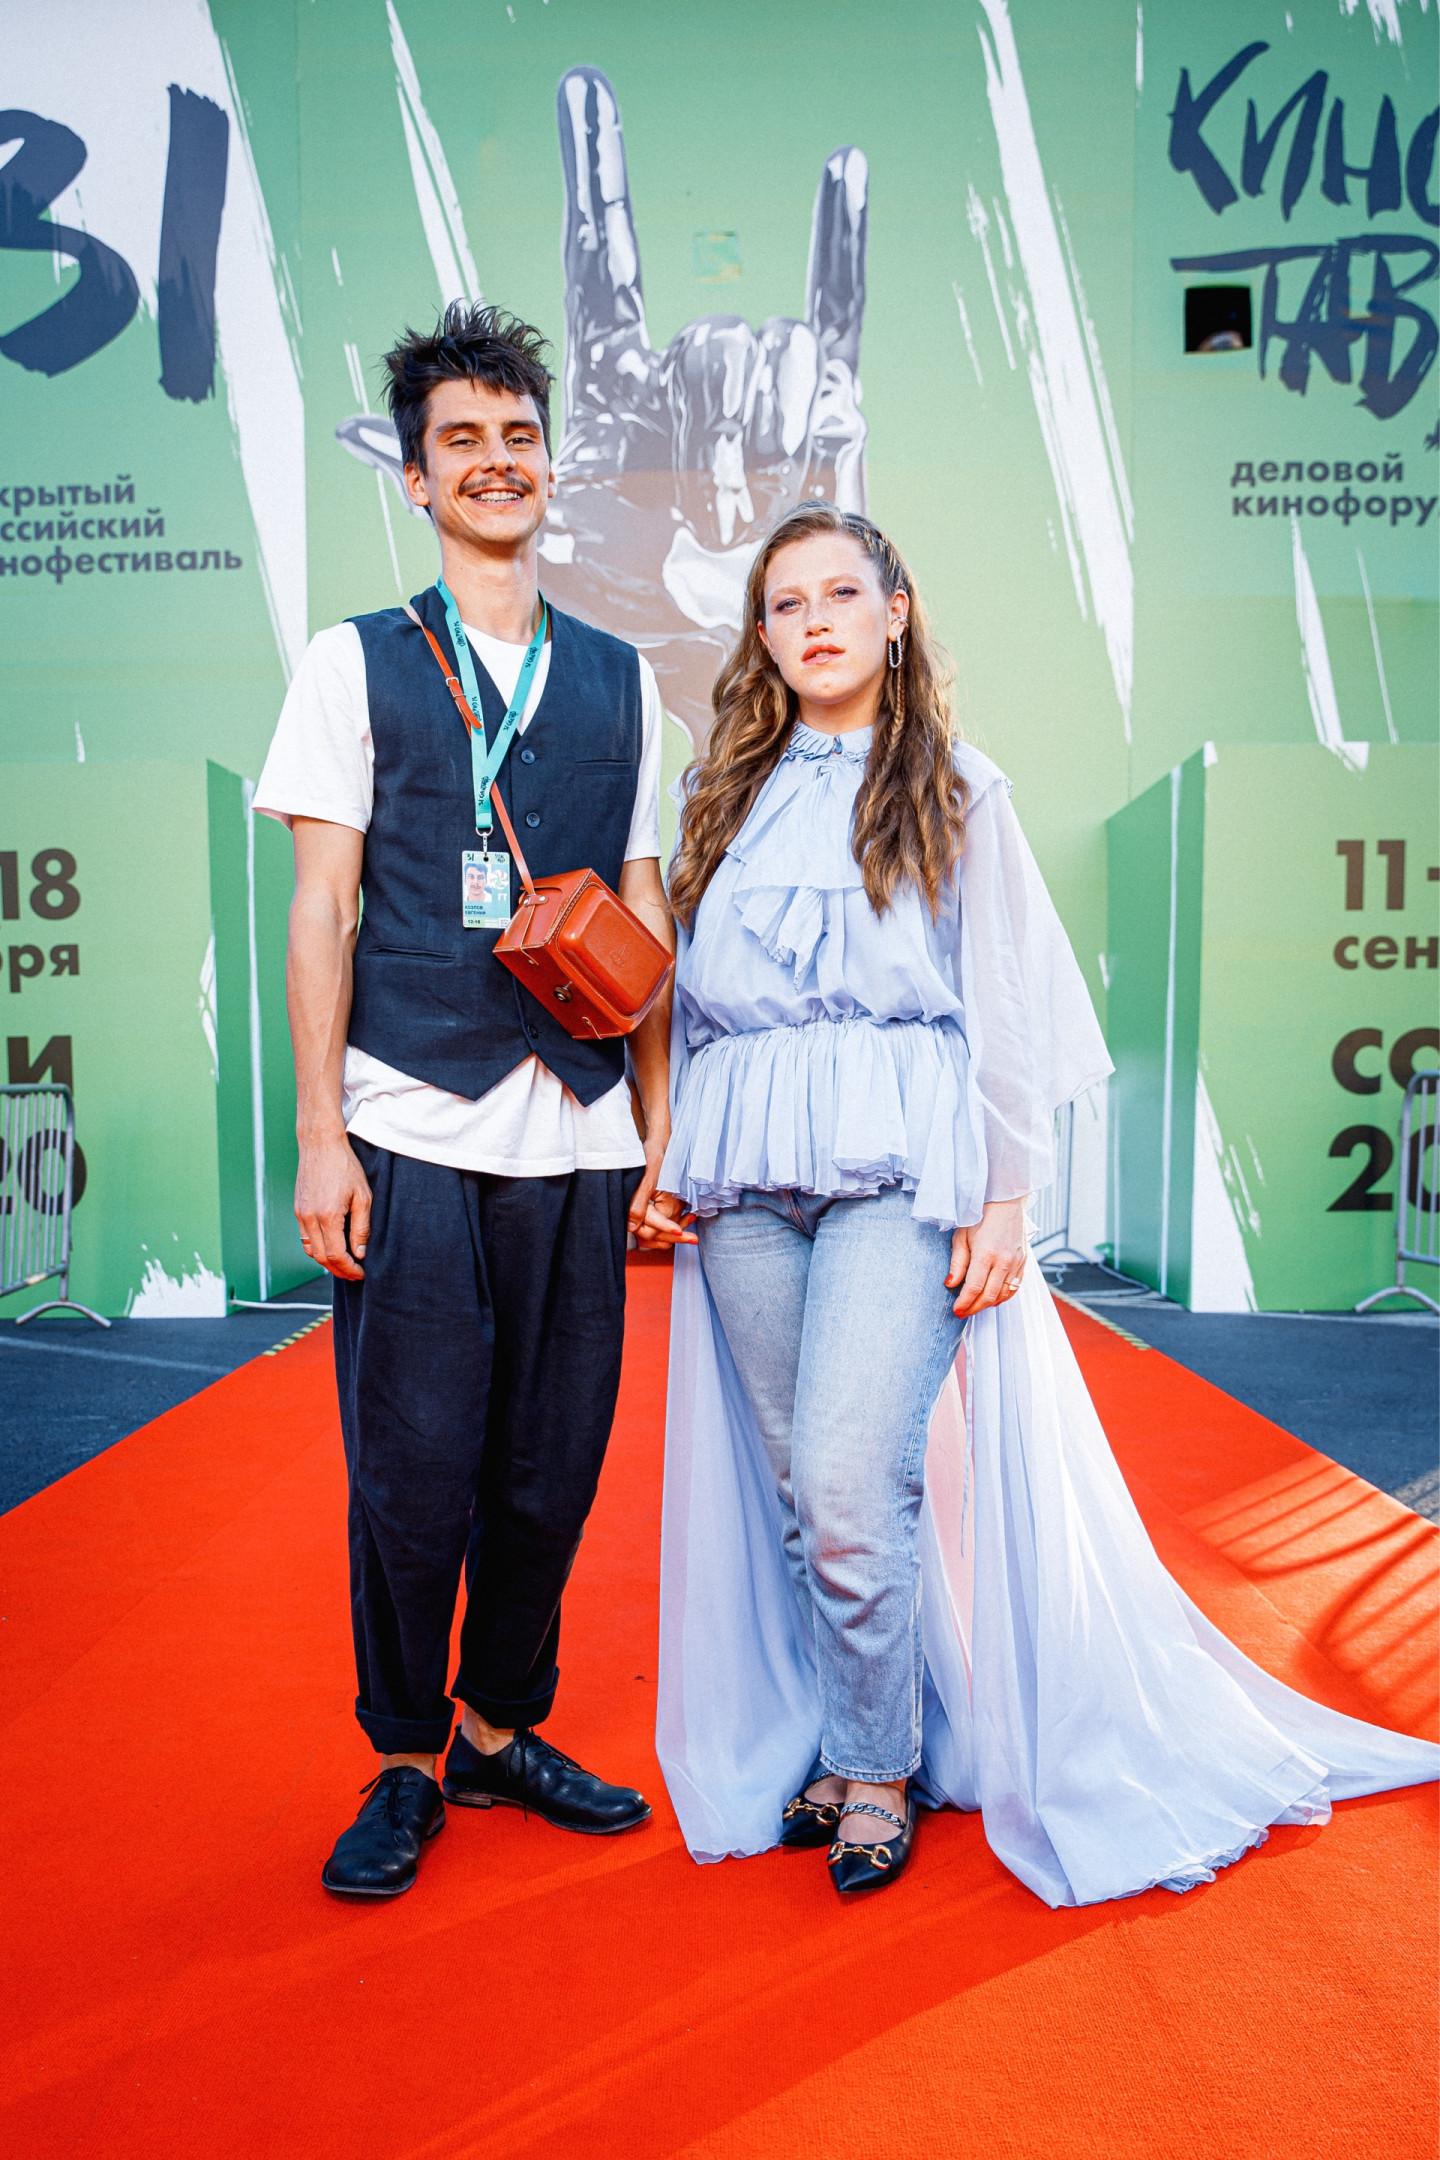 Евгений Козлов и Варвара Шмыкова